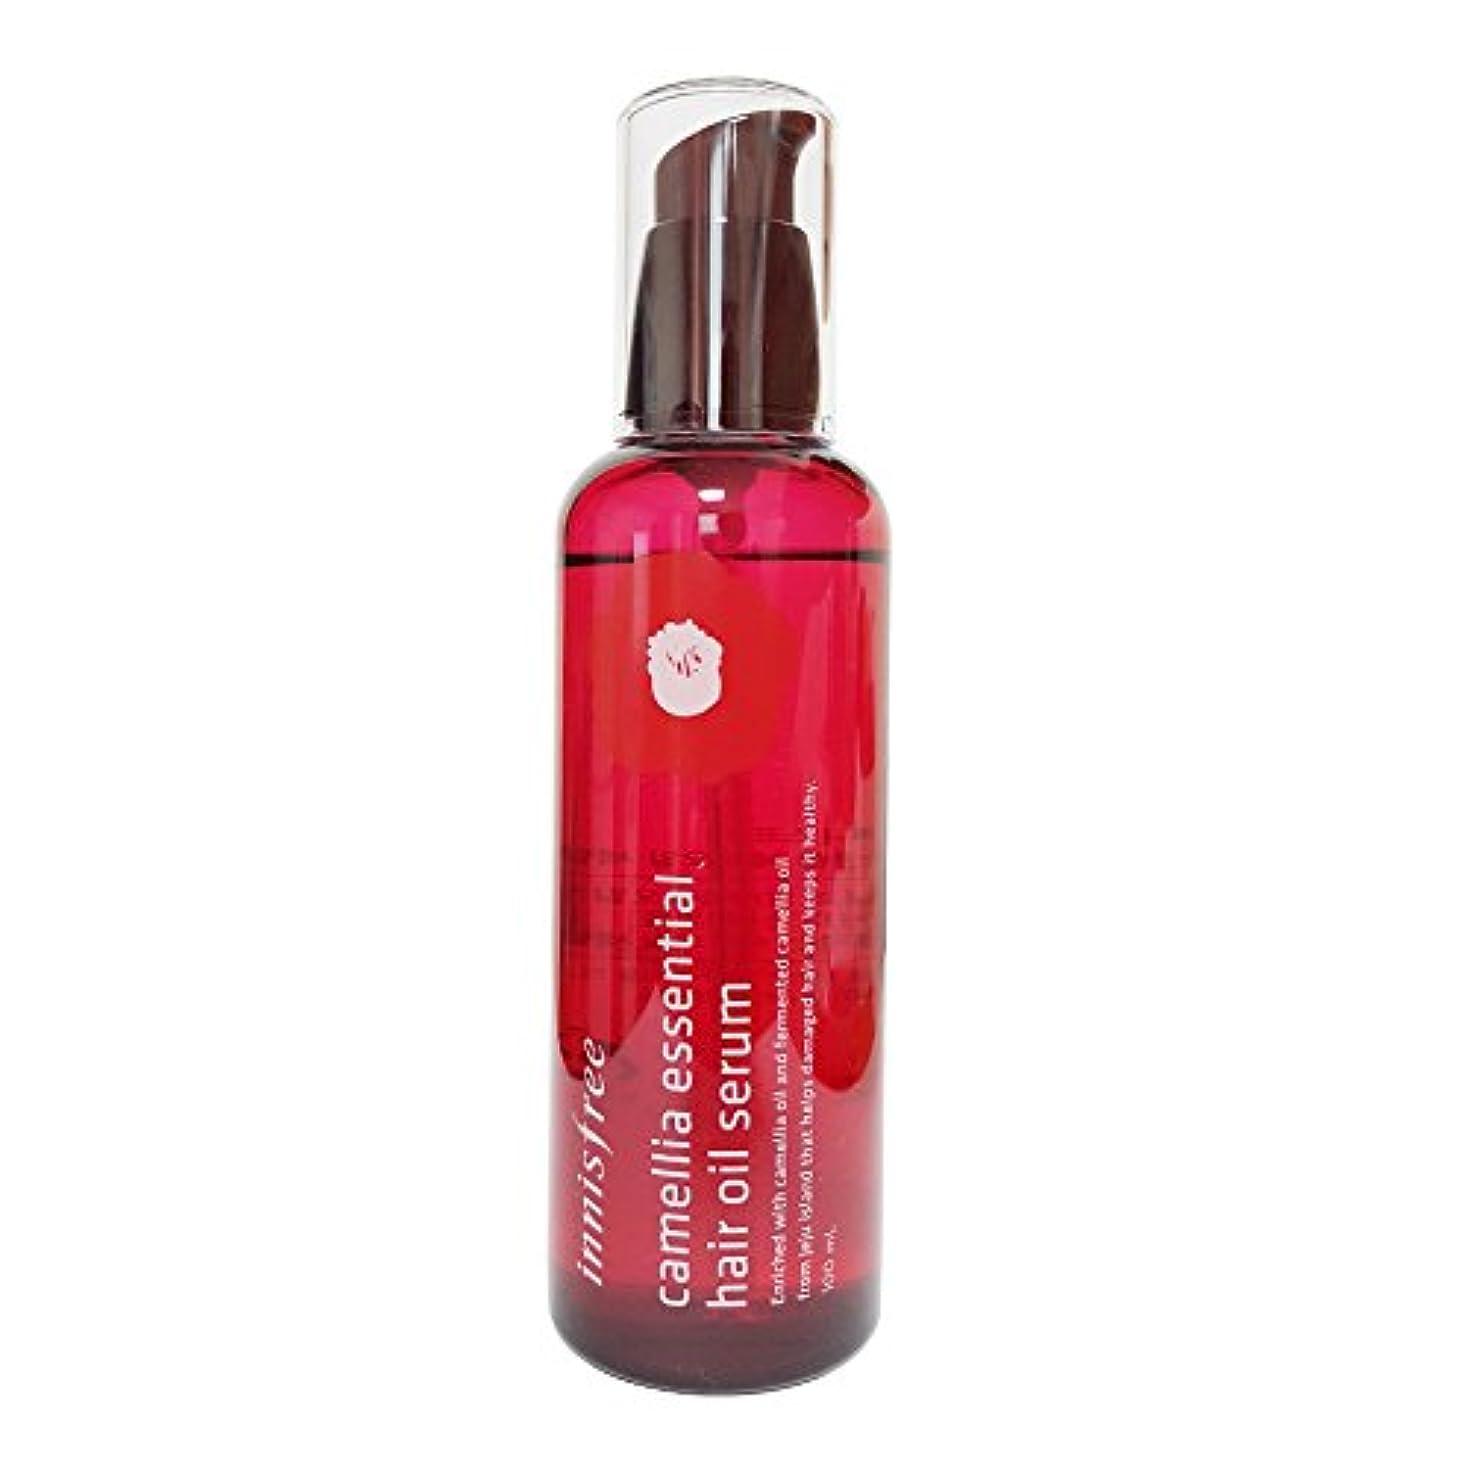 理論的アレキサンダーグラハムベルセッティング[イニスフリー] Innisfree カメリアエッセンシャル?ヘア?オイルセラム (100ml) Innisfree Camellia Essential Hair Oil Serum (100ml) [海外直送品]